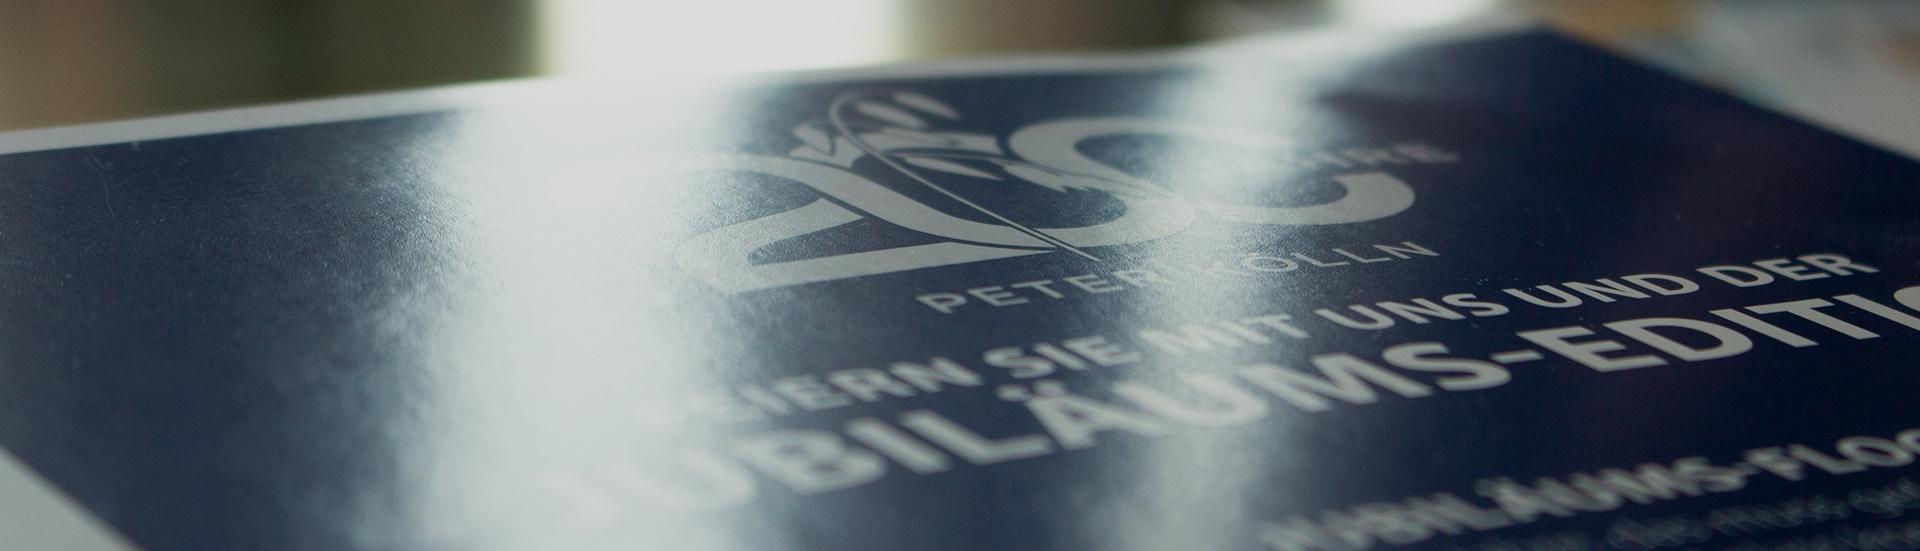 200 Jahre Peter Kölln Broschüre mit Lichtspiegelungen